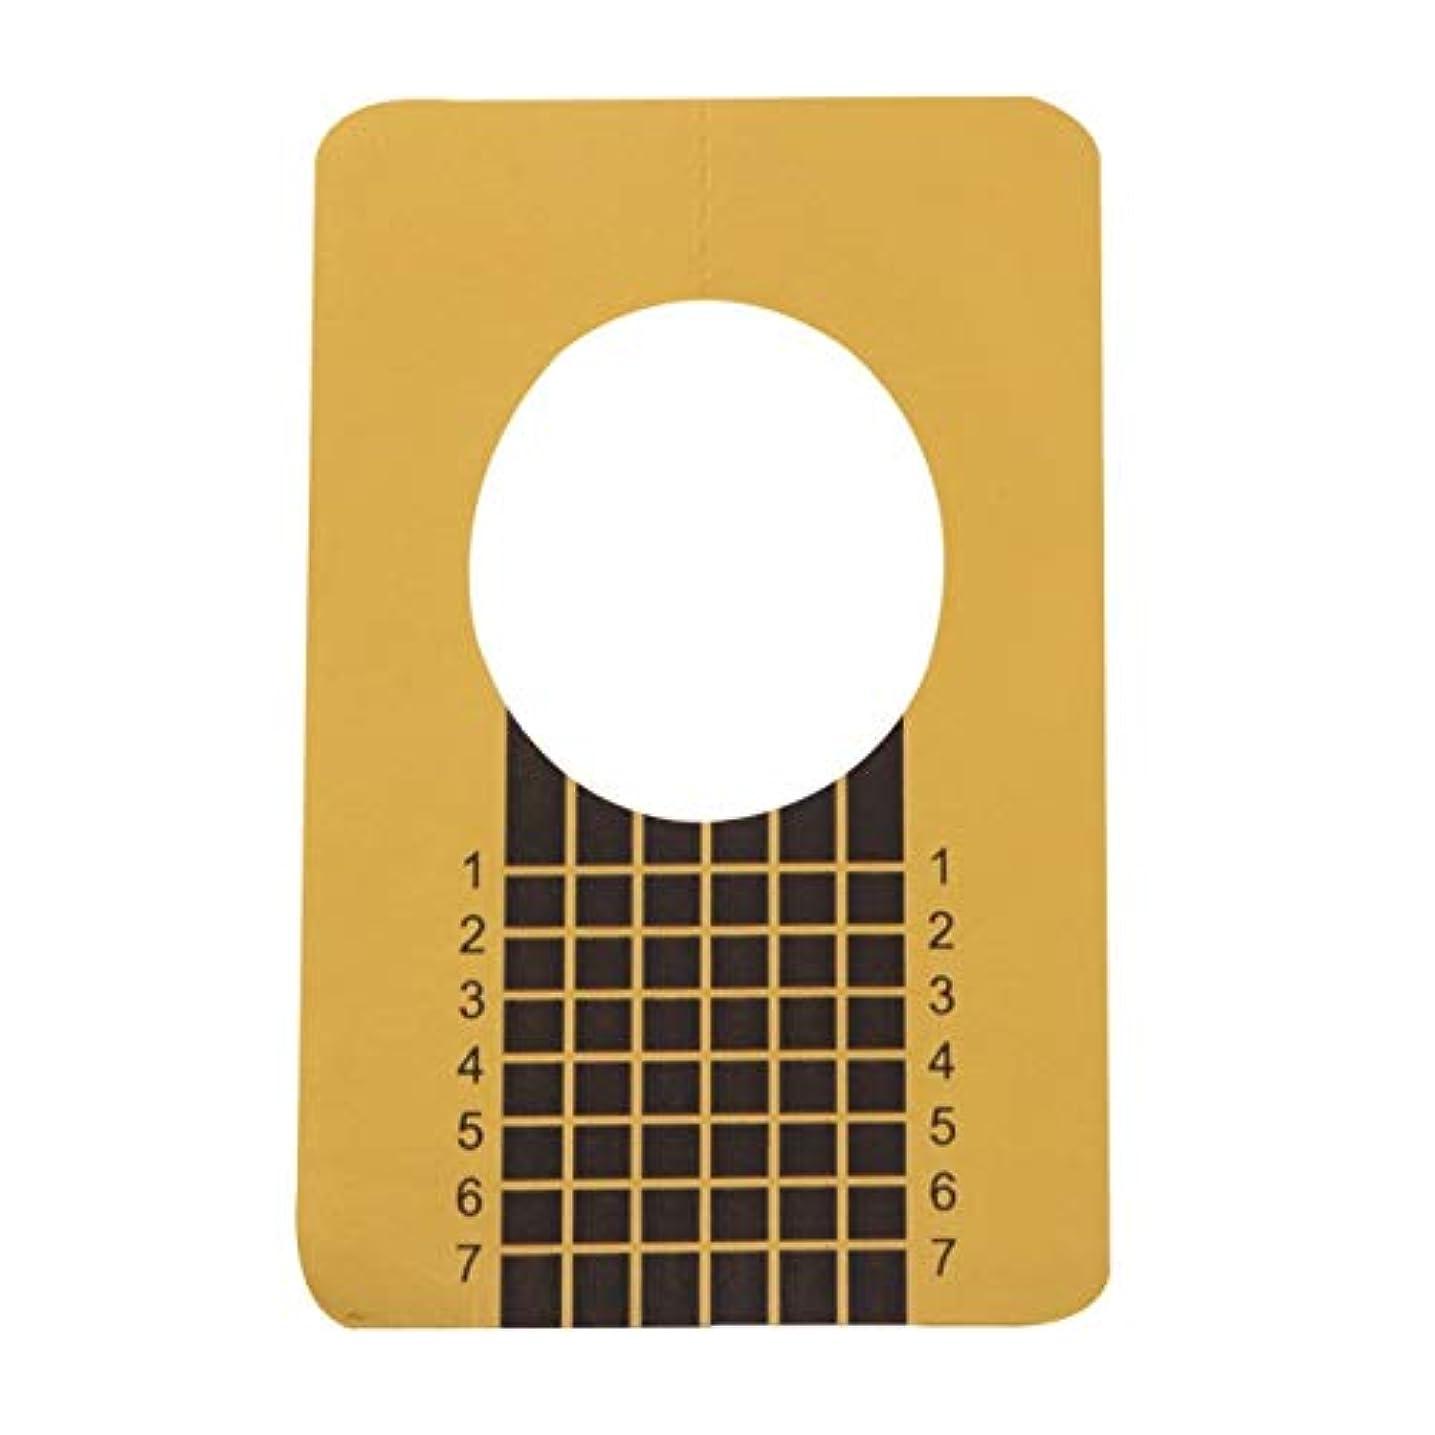 キリマンジャロ曇った浸す100ピース/セットプロフェッショナルネイルツールのヒントネイルアートガイドフォームアクリルチップジェルエクステンションステッカーネイルポリッシュカールフォームゴールド(色:金色)